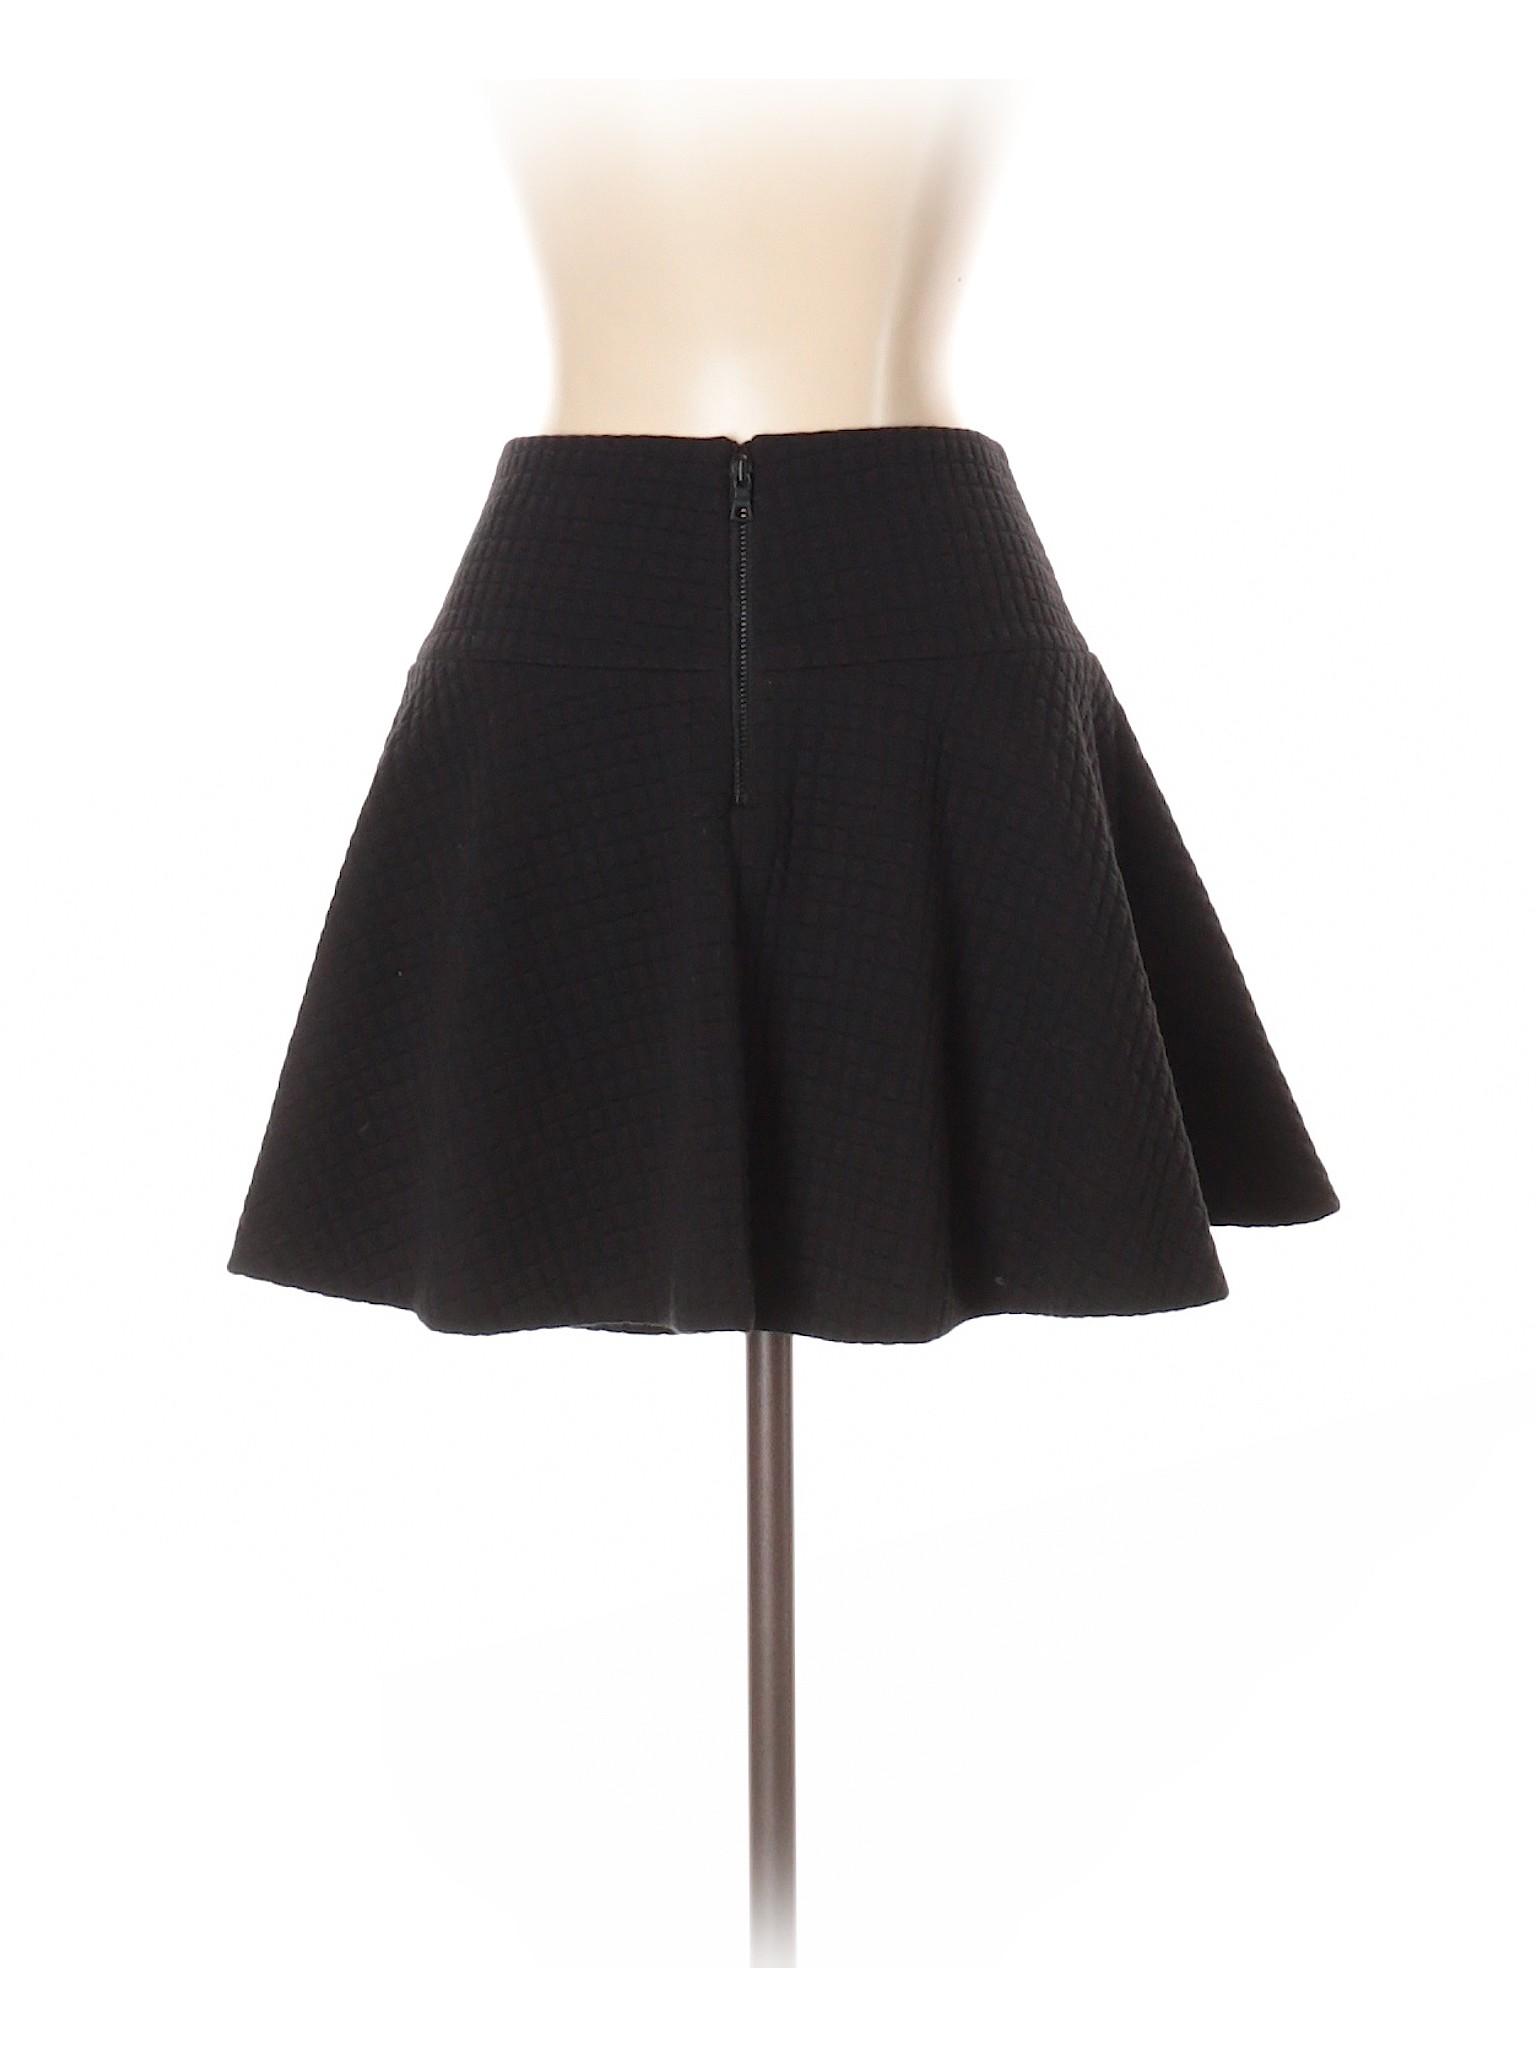 Boutique Skirt alice olivia Skirt olivia alice Boutique olivia Casual Casual alice Boutique Casual 7wSRffIq